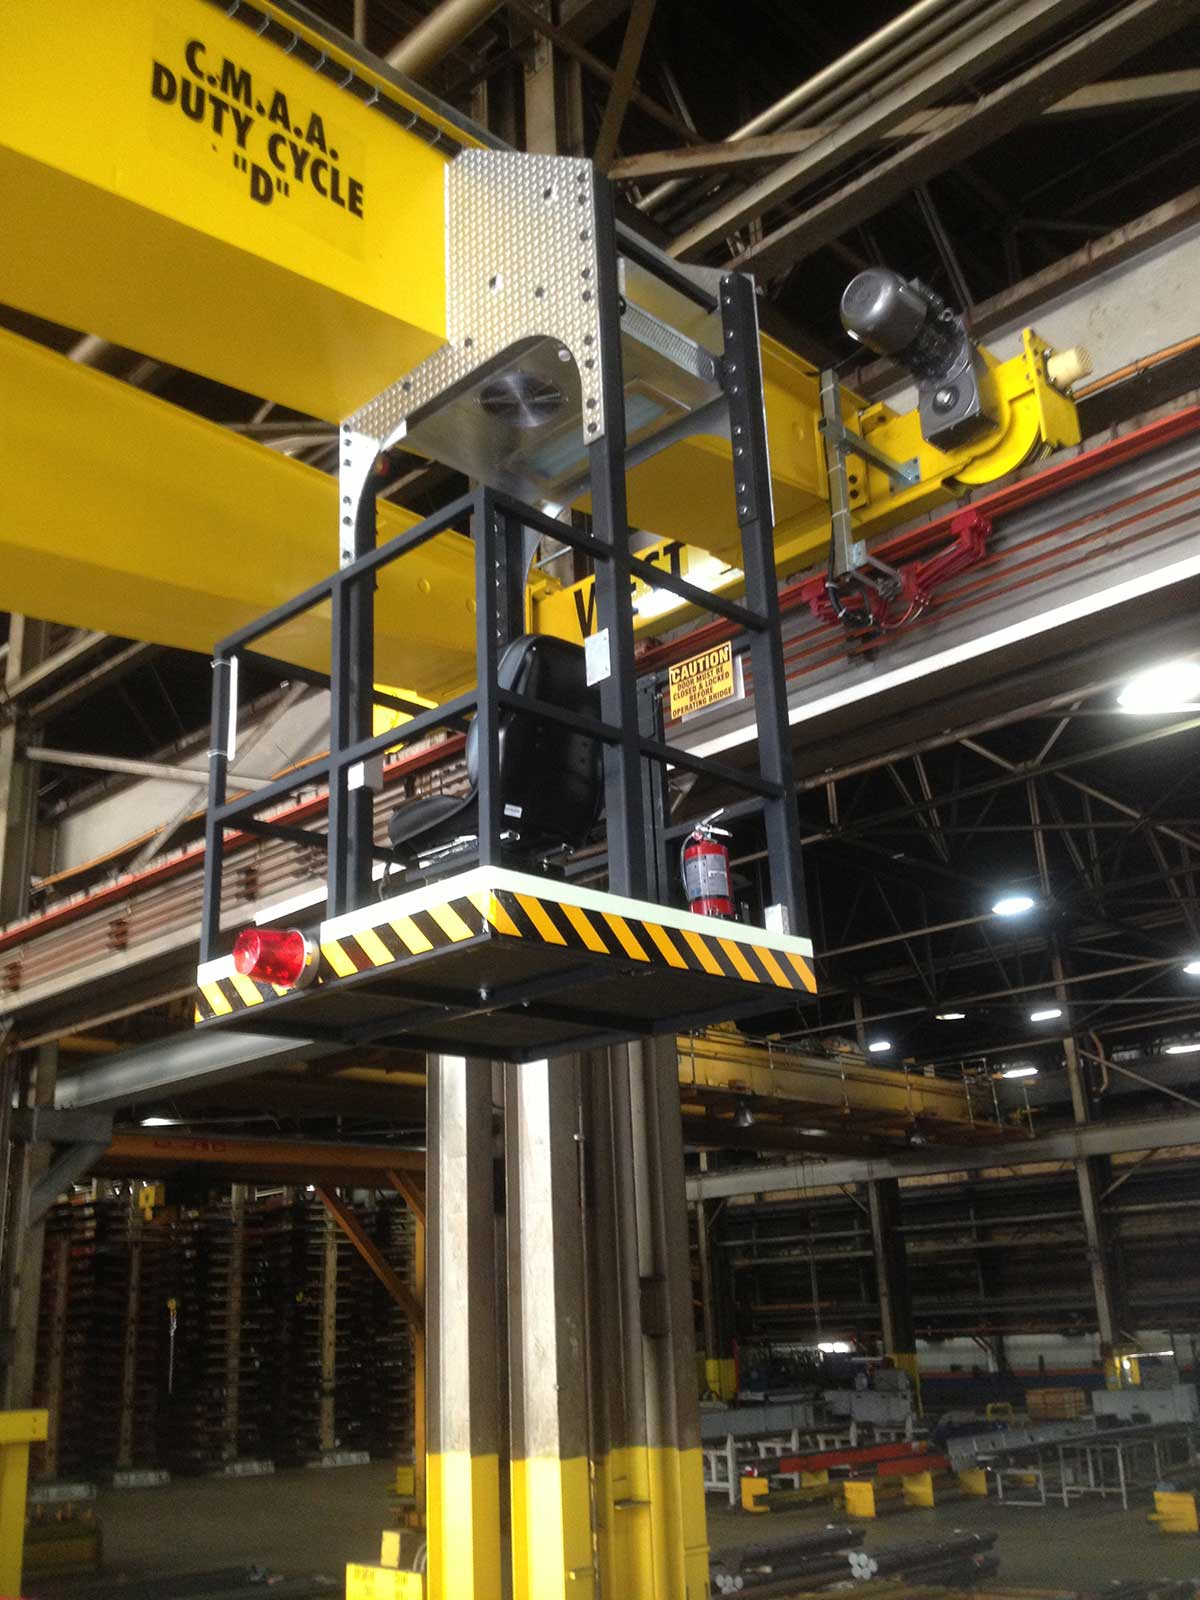 Bedford Castle crane, cab caution reflective tape